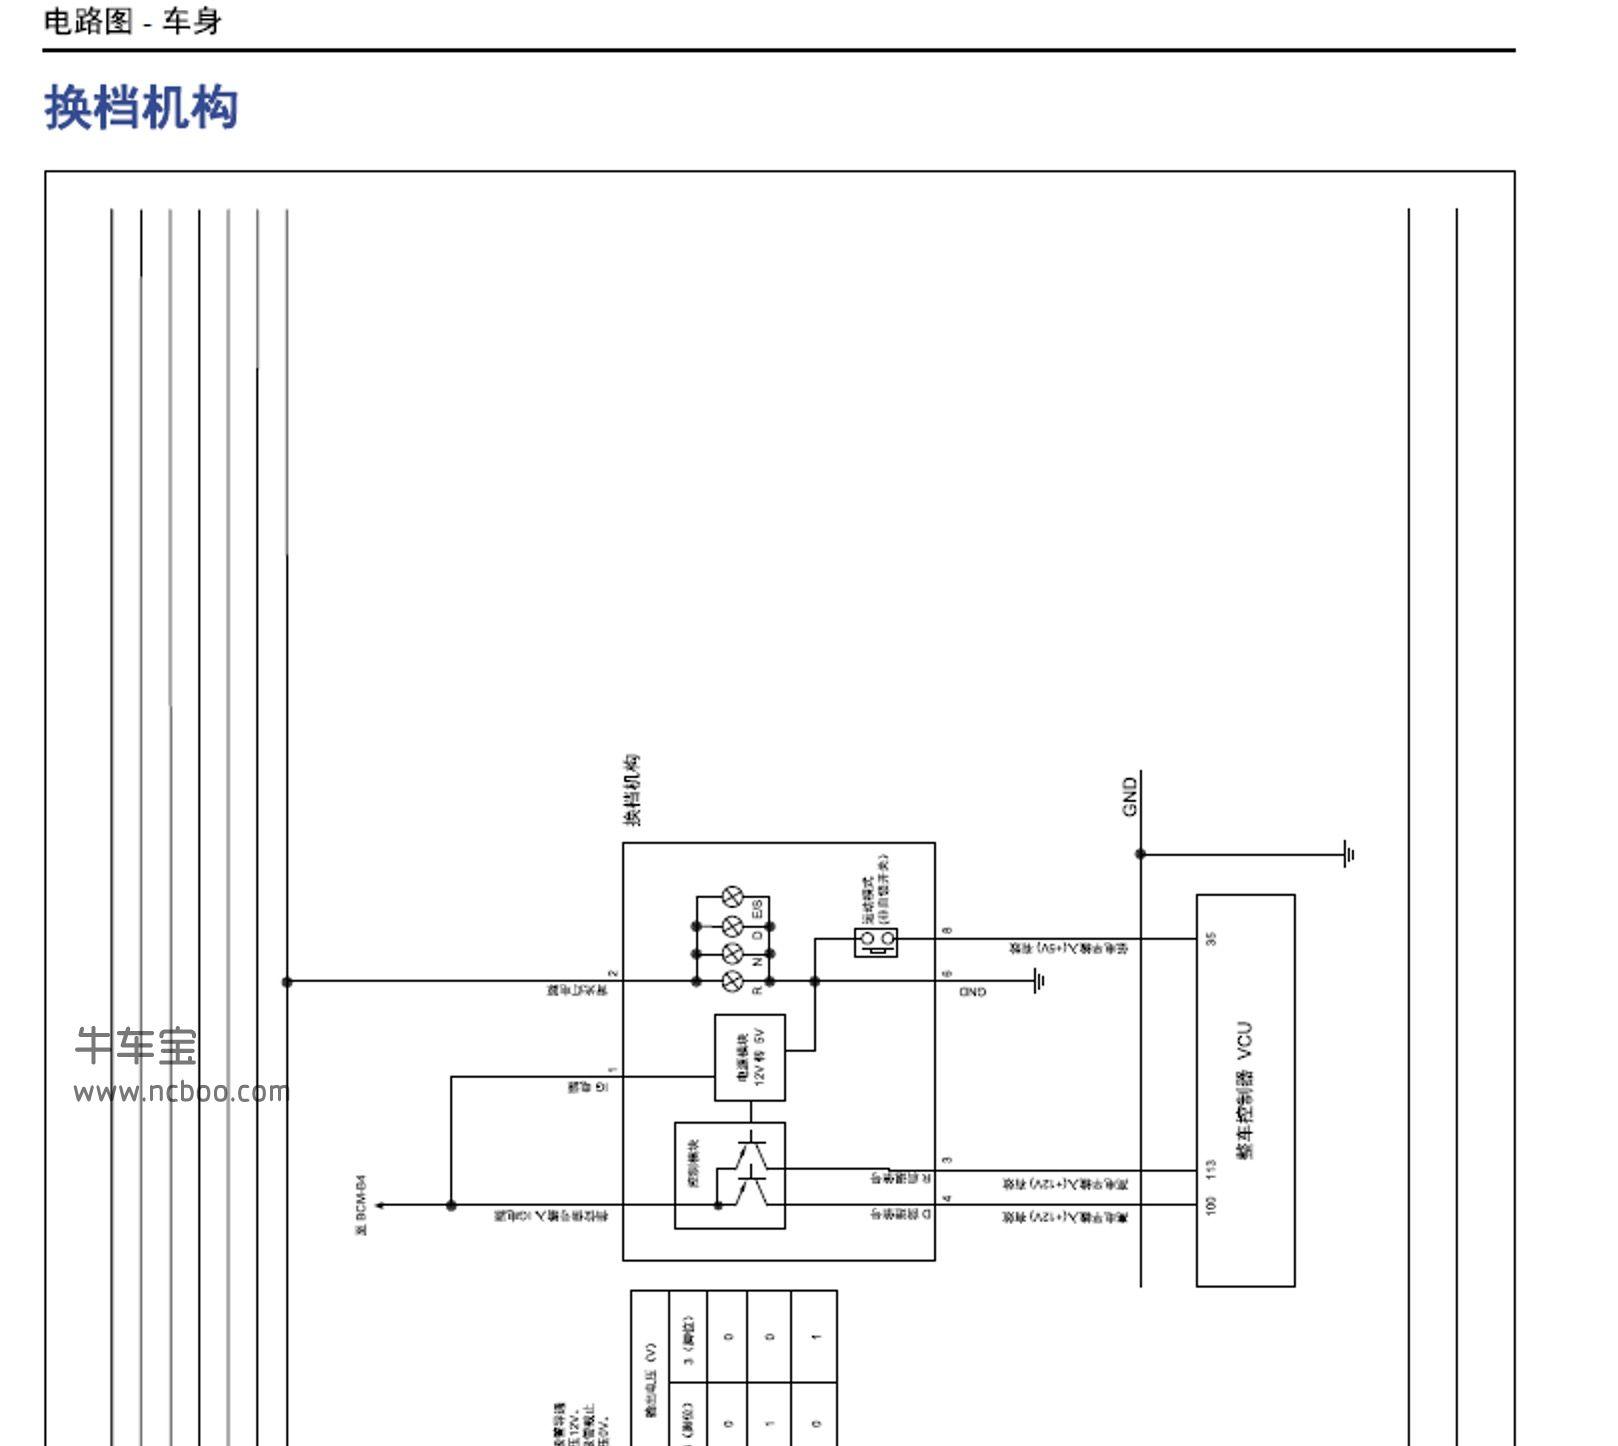 2016-2018款猎豹C5-EV(纯电)原厂维修手册和电路图下载